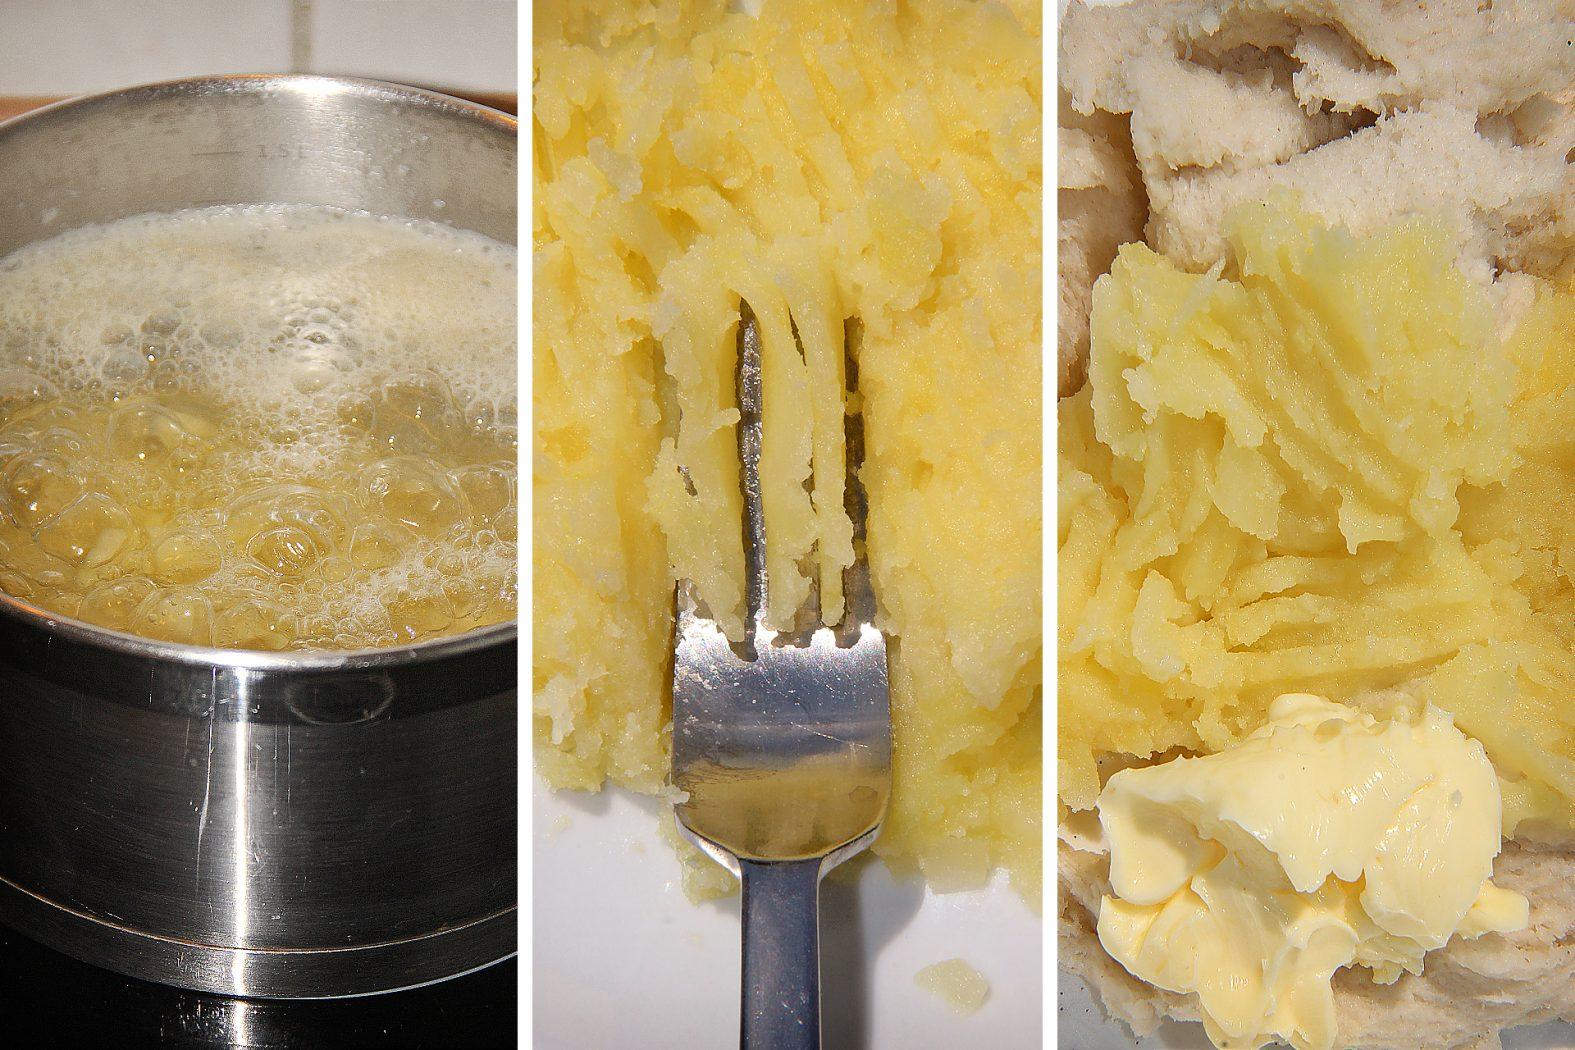 Karpfenteig mit Brot und Kartoffeln selber machen